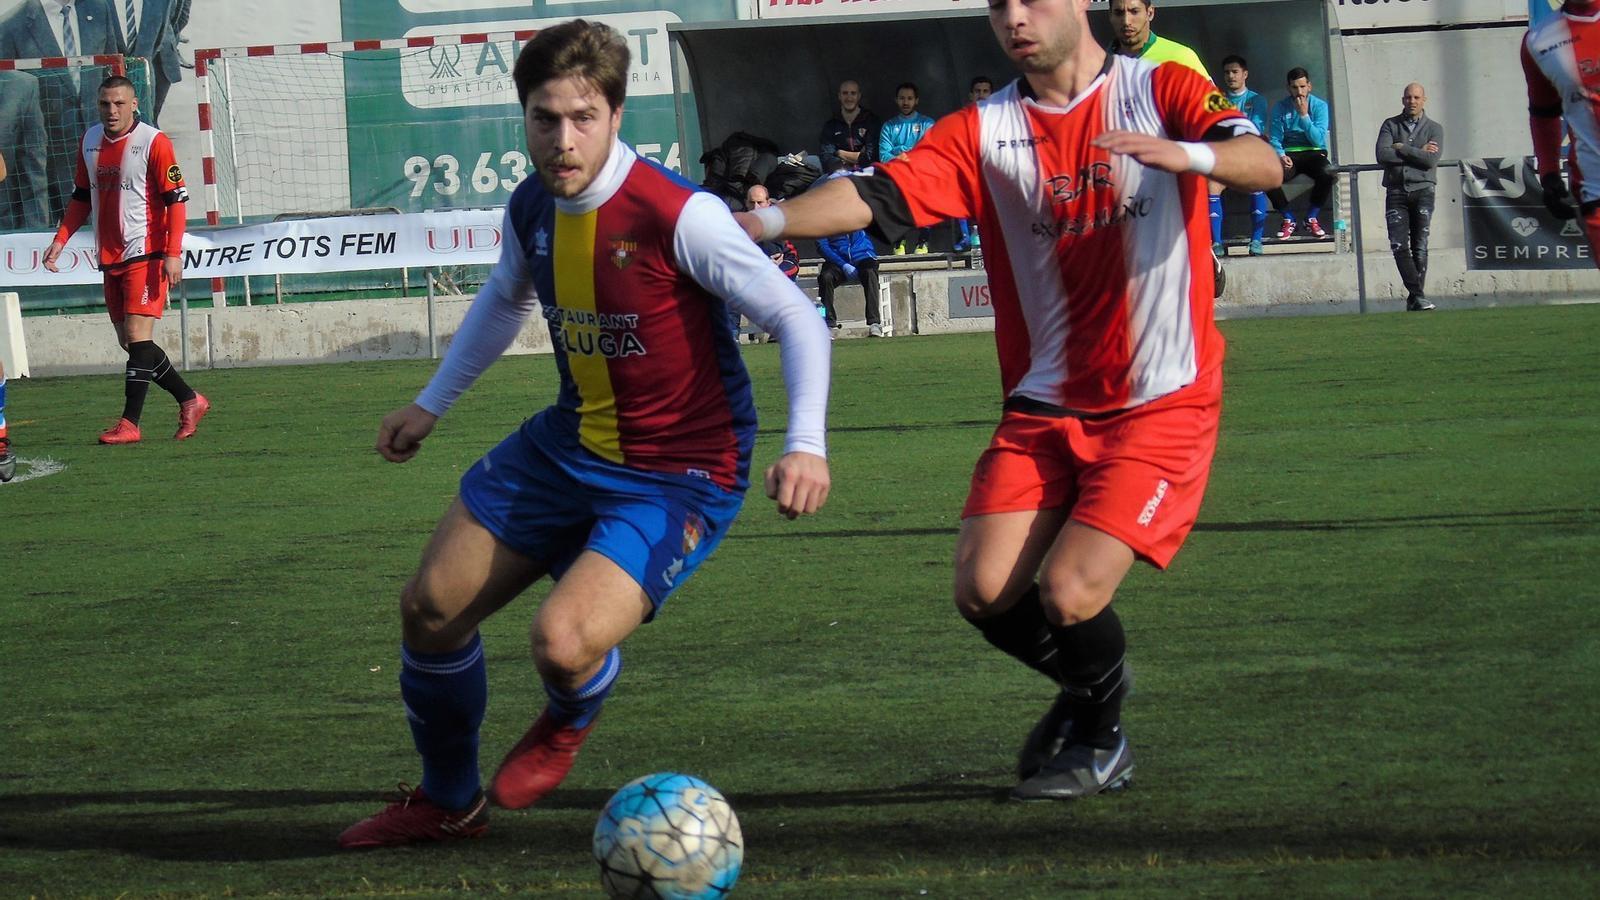 El partit de l'Andorra al Camp Municipal de Viladecans, diumenge. / FCA